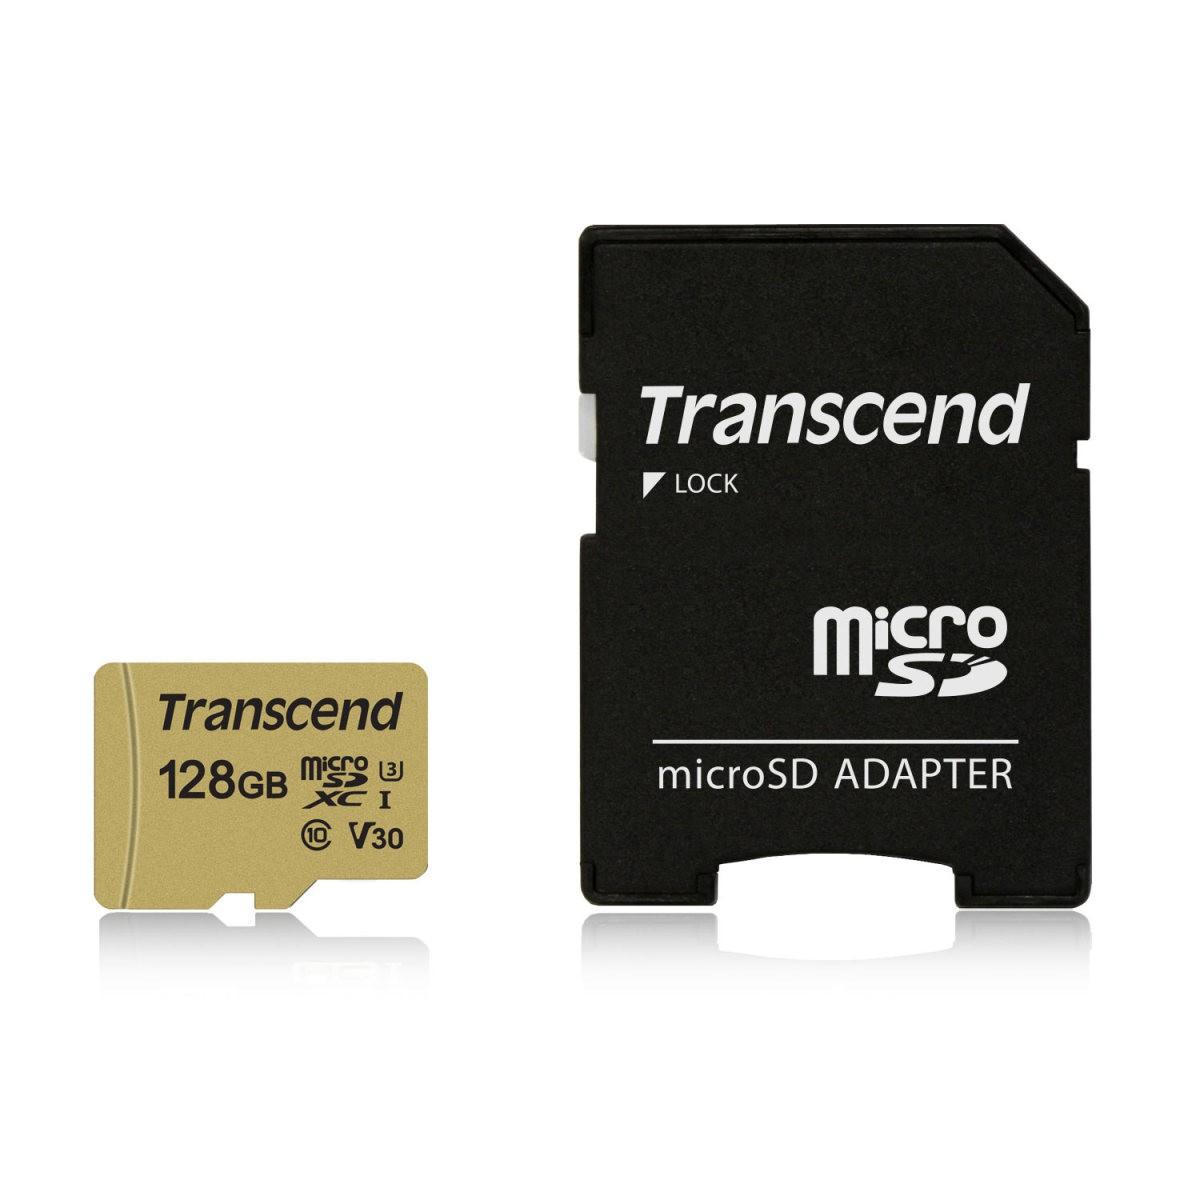 【ケース付き!】Transcend microSDカード 128GB Class10 UHS-I V30 マイクロSD microSDXC SDアダプタ付 最大転送速度95MB/s クラス10 入学 卒業 [TS128GUSD500S]【ネコポス対応】【BOX受取対象商品】【送料無料】